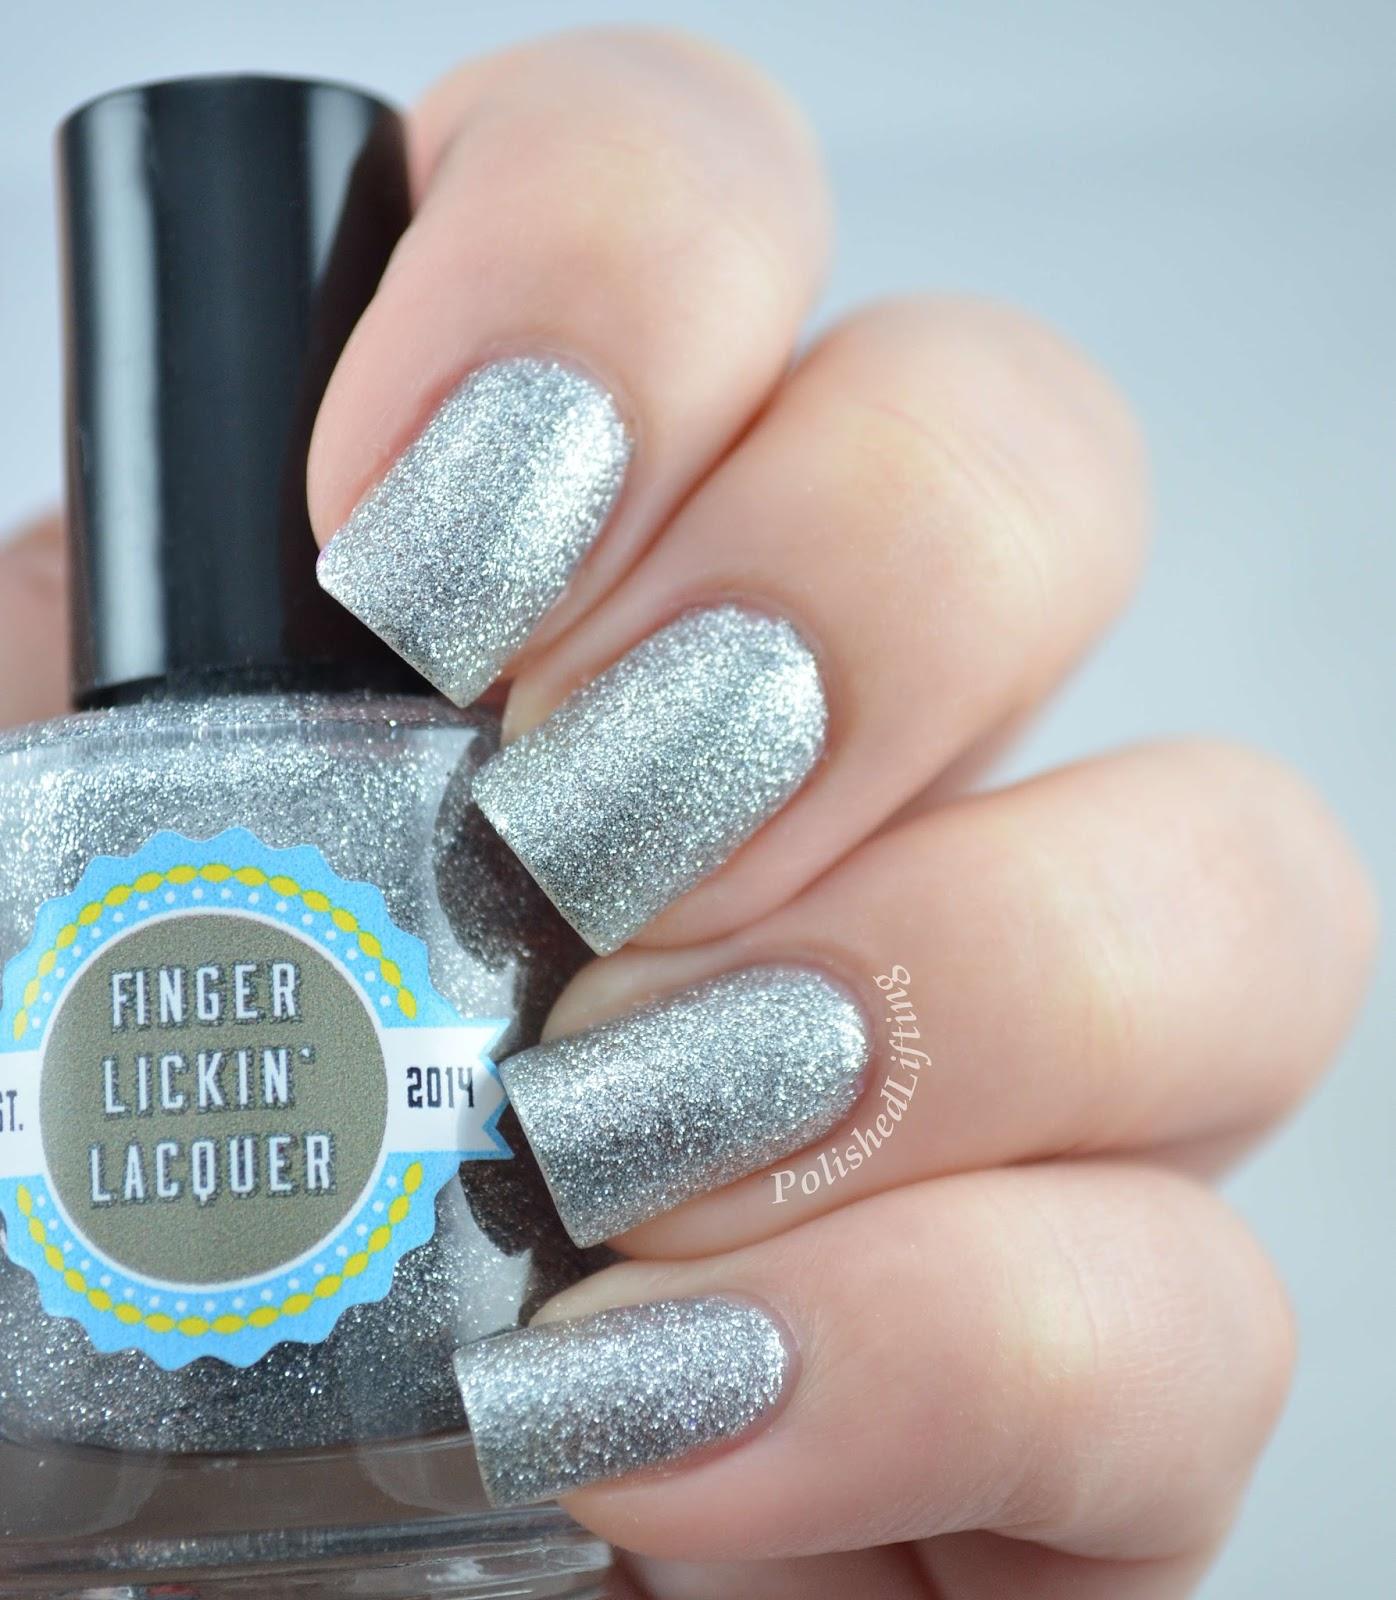 Finger Lickin' Lacquer Silver Bells Holidaze